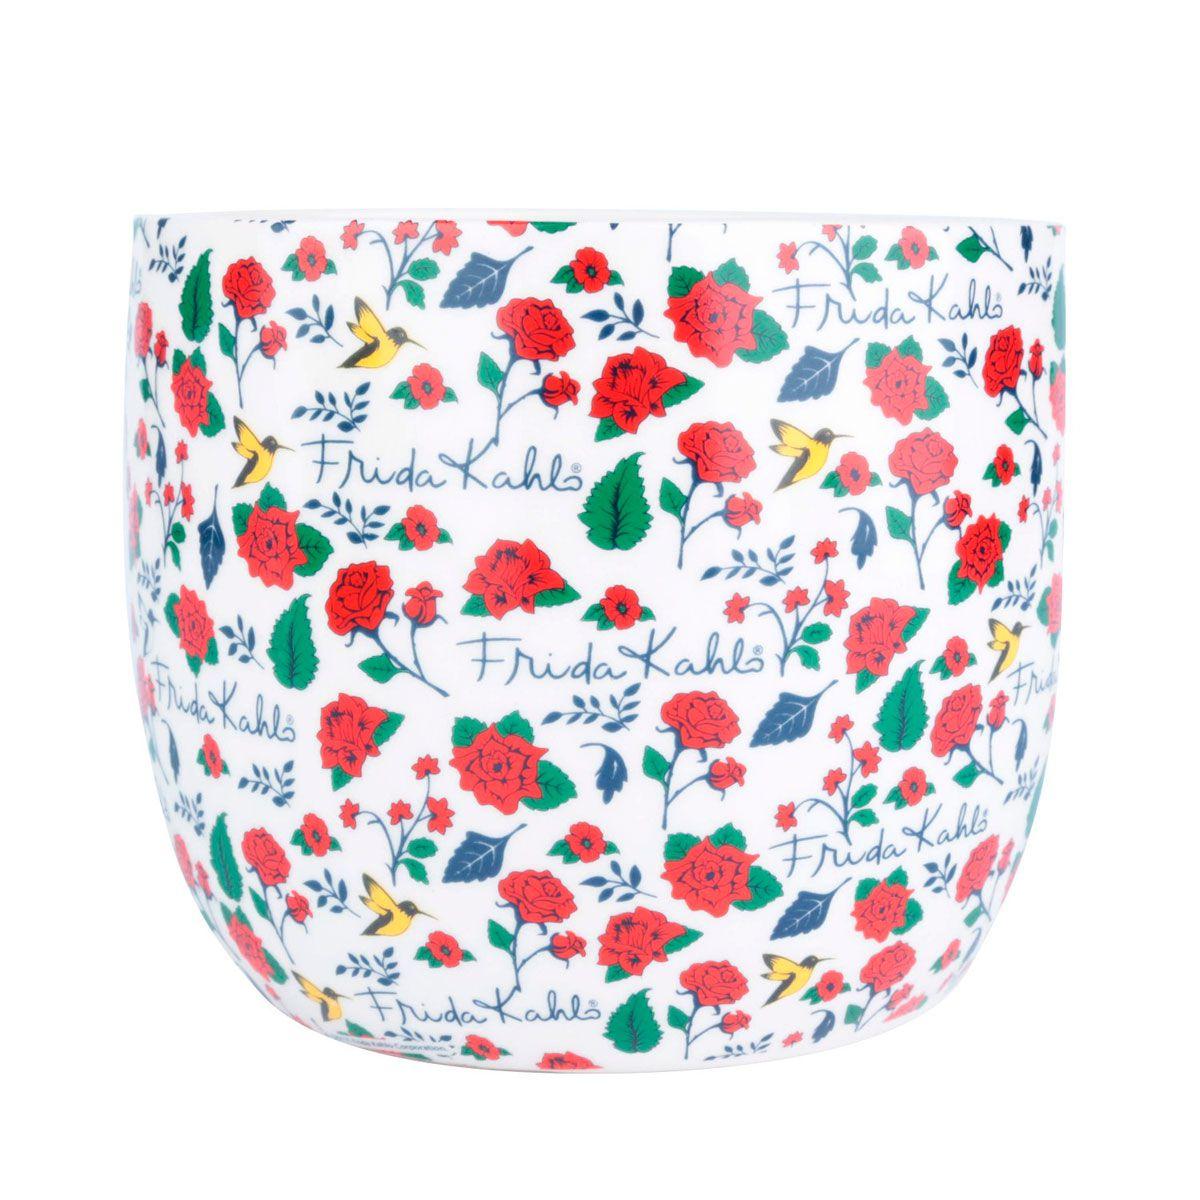 Cachepot Vaso Decorativo de Cerâmica Frida Kahlo Flores